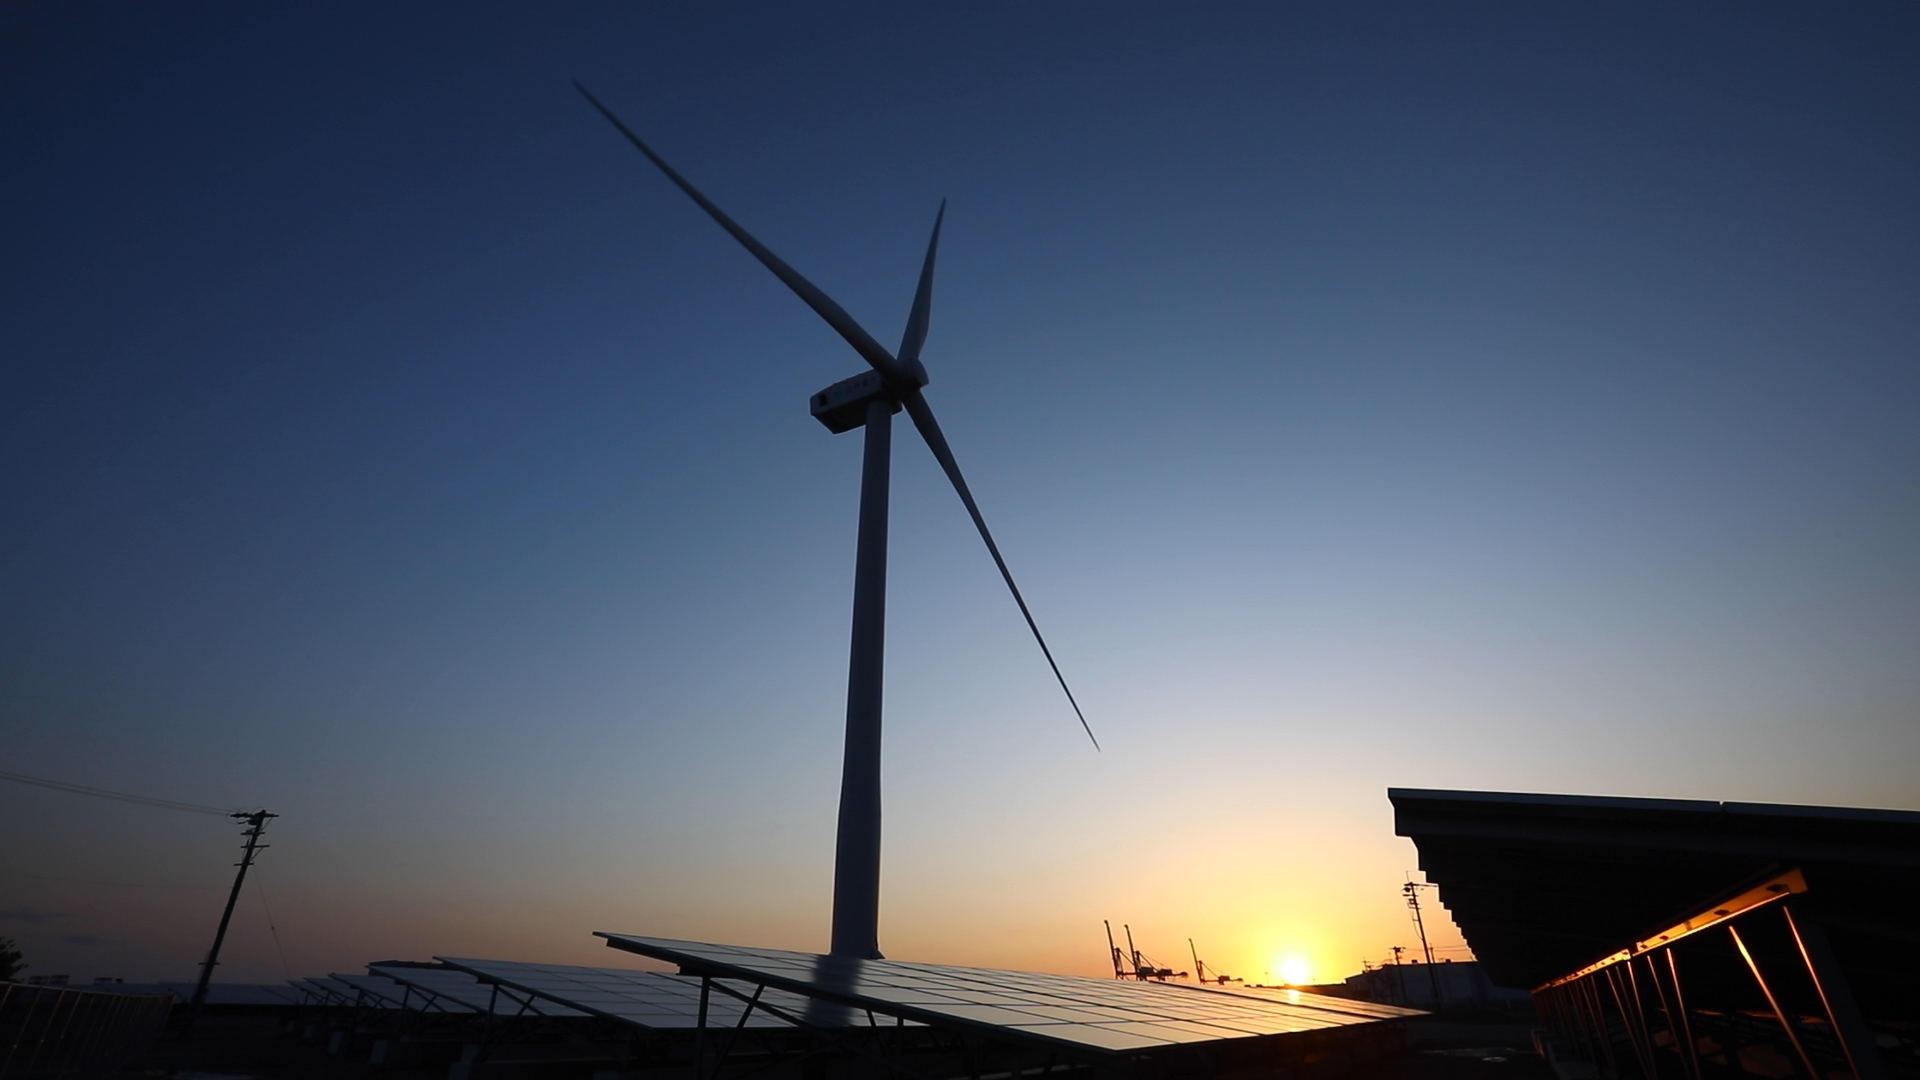 自然電力2件目となる風力発電所開発案件「北九州響灘風力発電所・太陽光発電所」完工のお知らせ